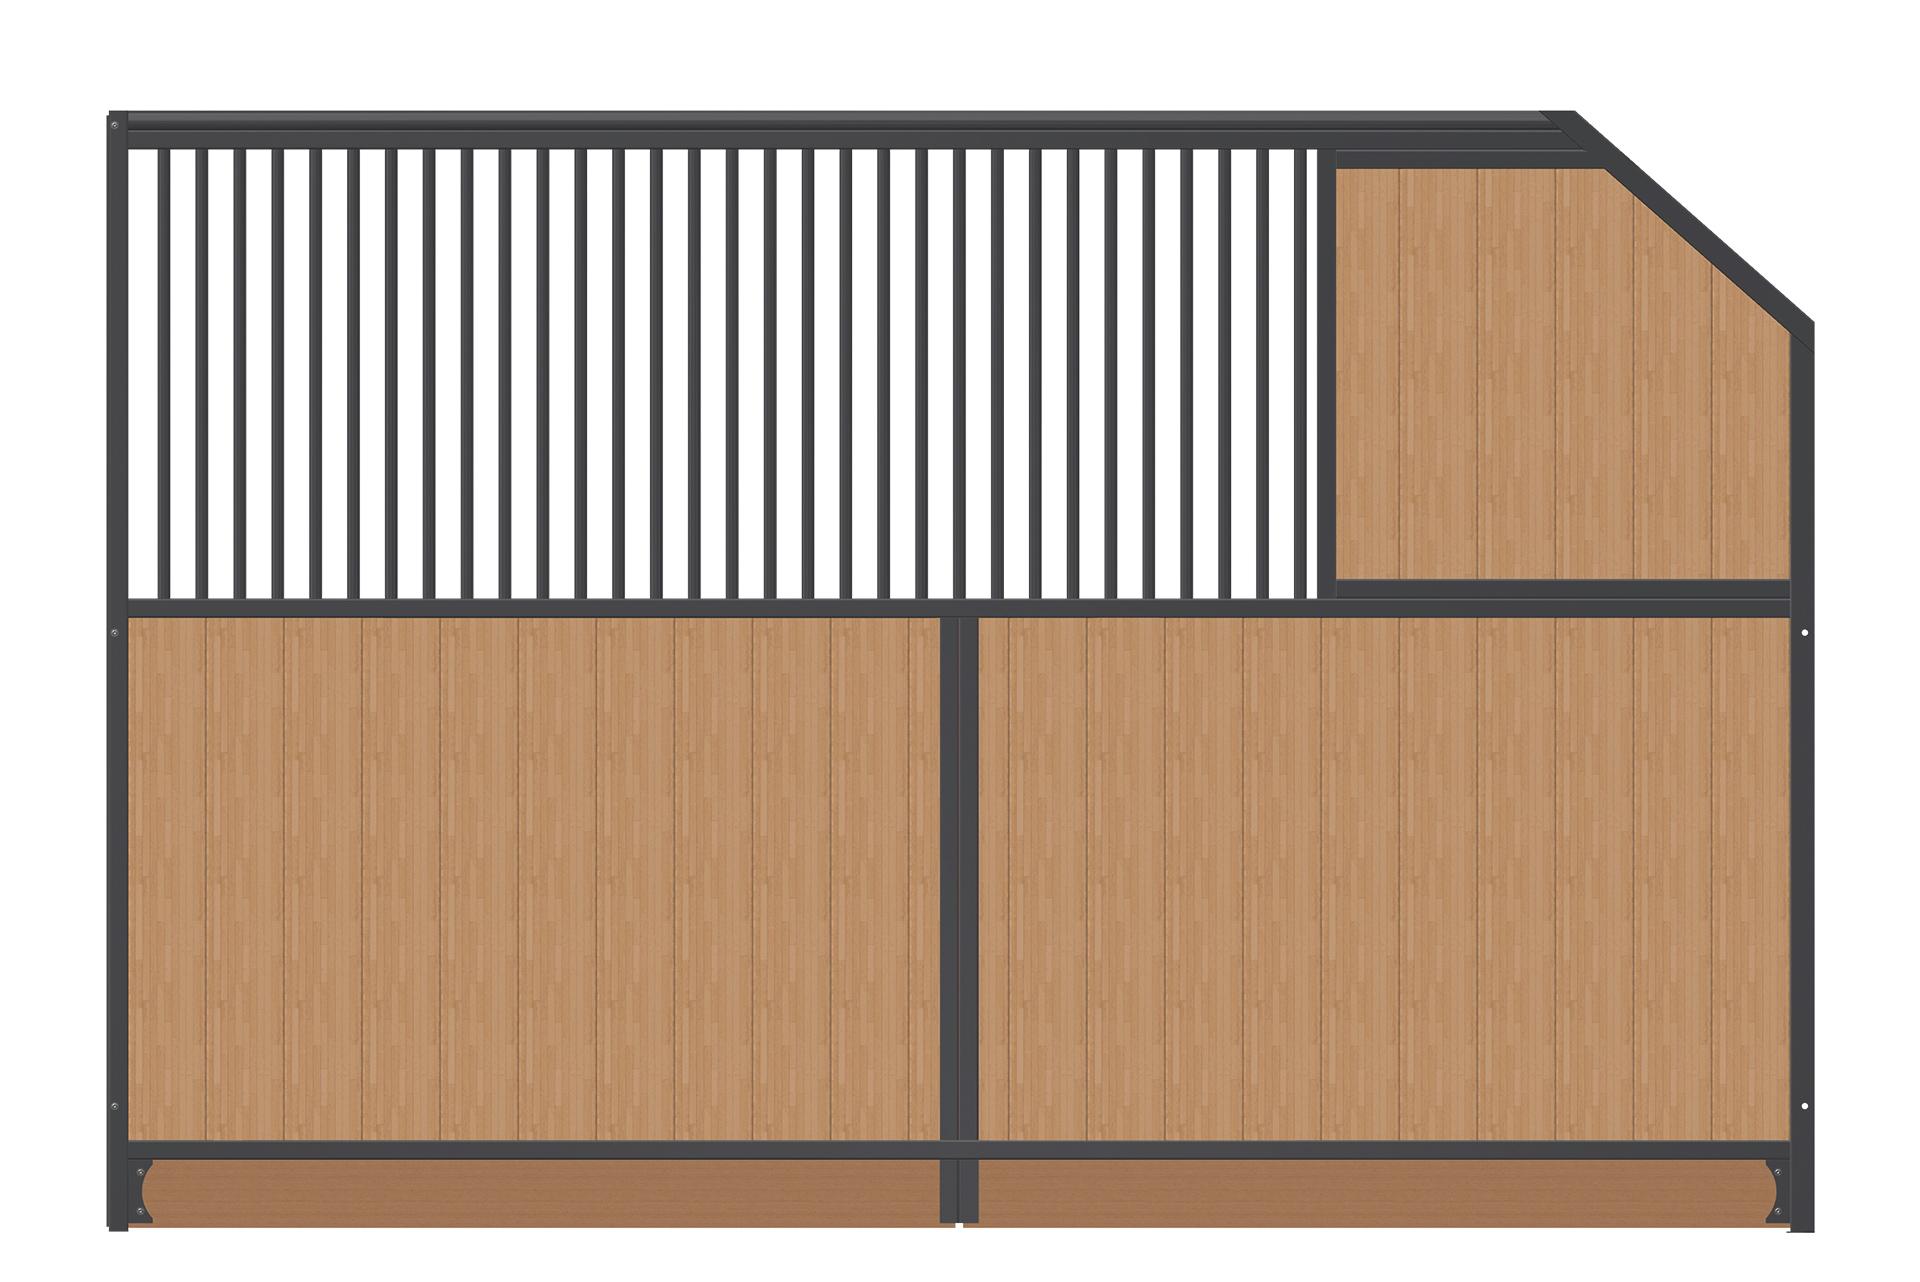 Trennwand-HH-3,5m-mit-Schräge-u.-Sichtschutz